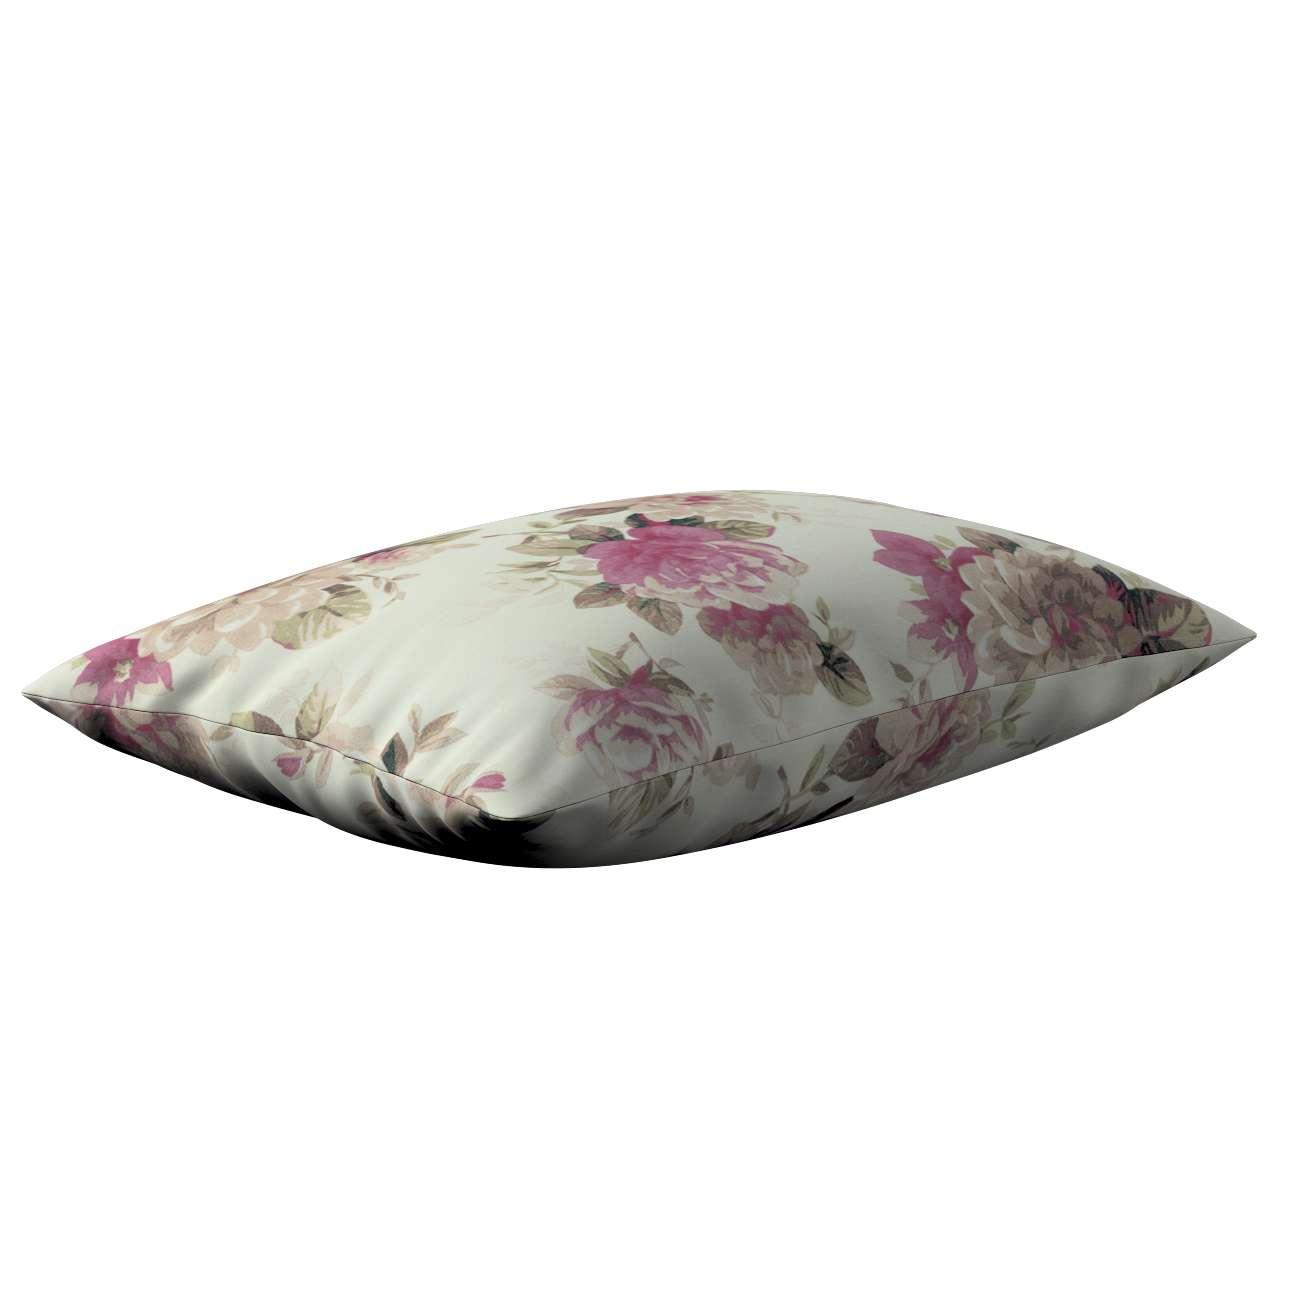 Poszewka Kinga na poduszkę prostokątną 60 x 40 cm w kolekcji Mirella, tkanina: 141-07